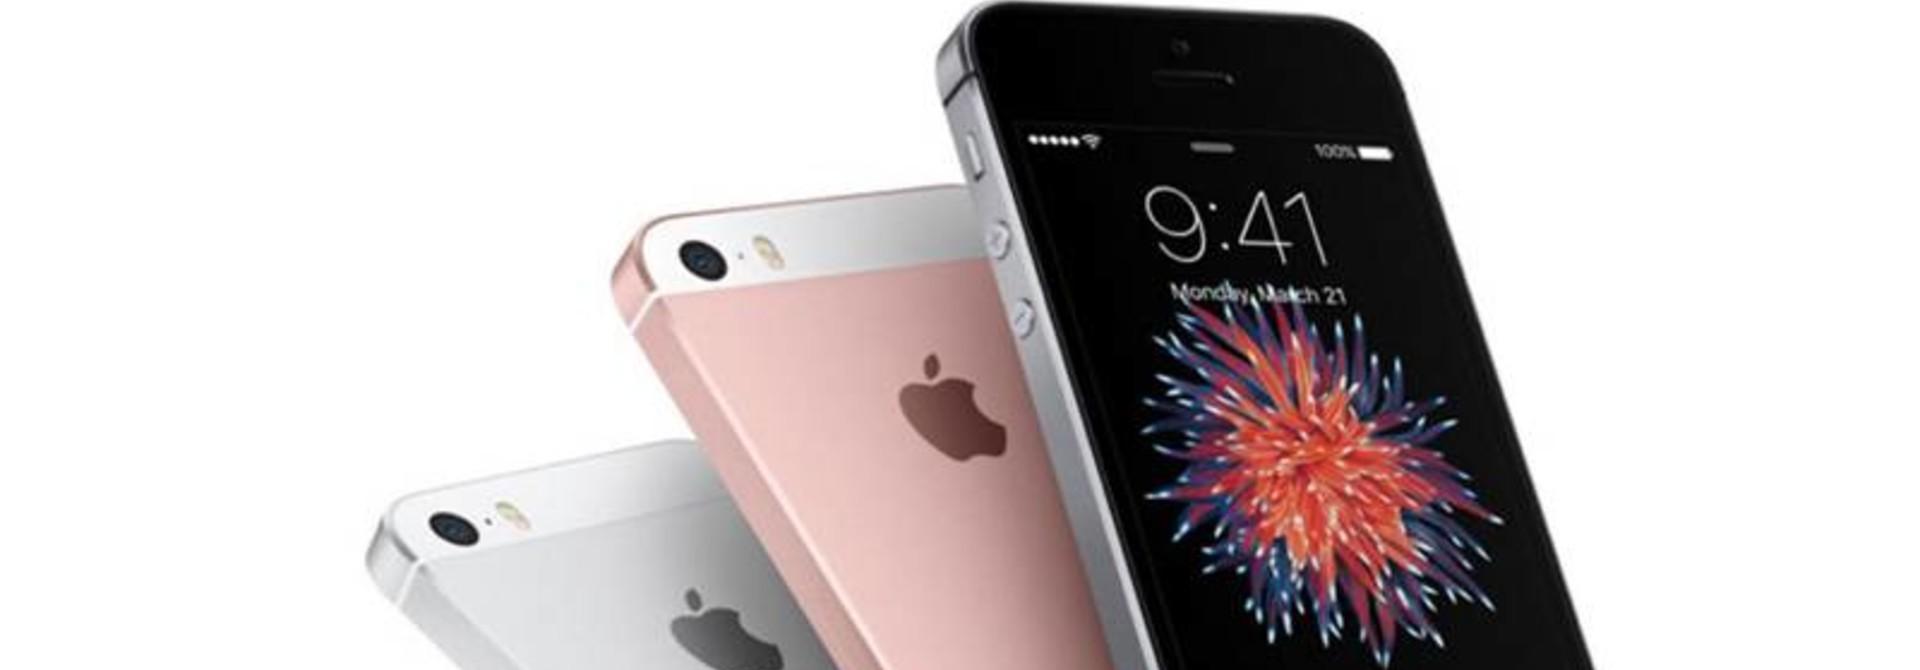 Marktstart iPhone SE & iPad Pro 9.7